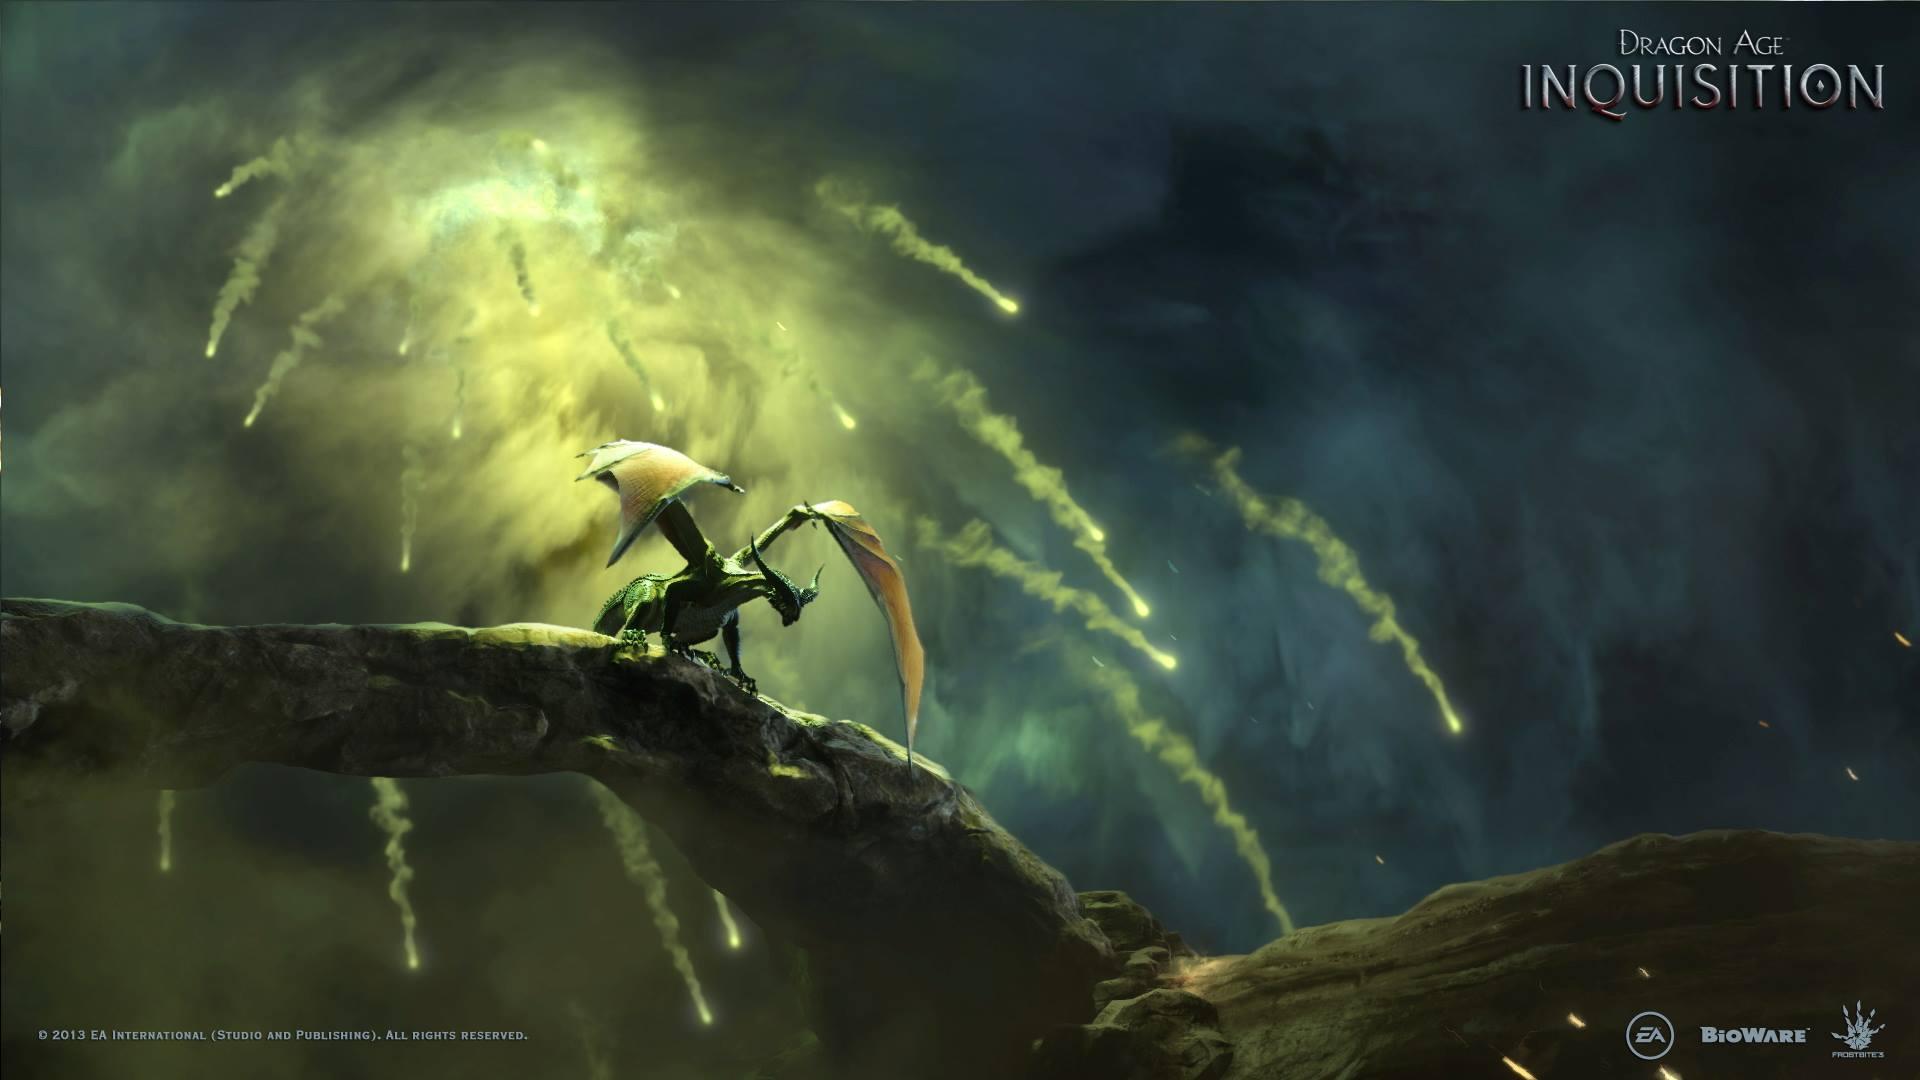 Continuemos con otros 14 minutos de Dragon Age: Inquisition [Video]